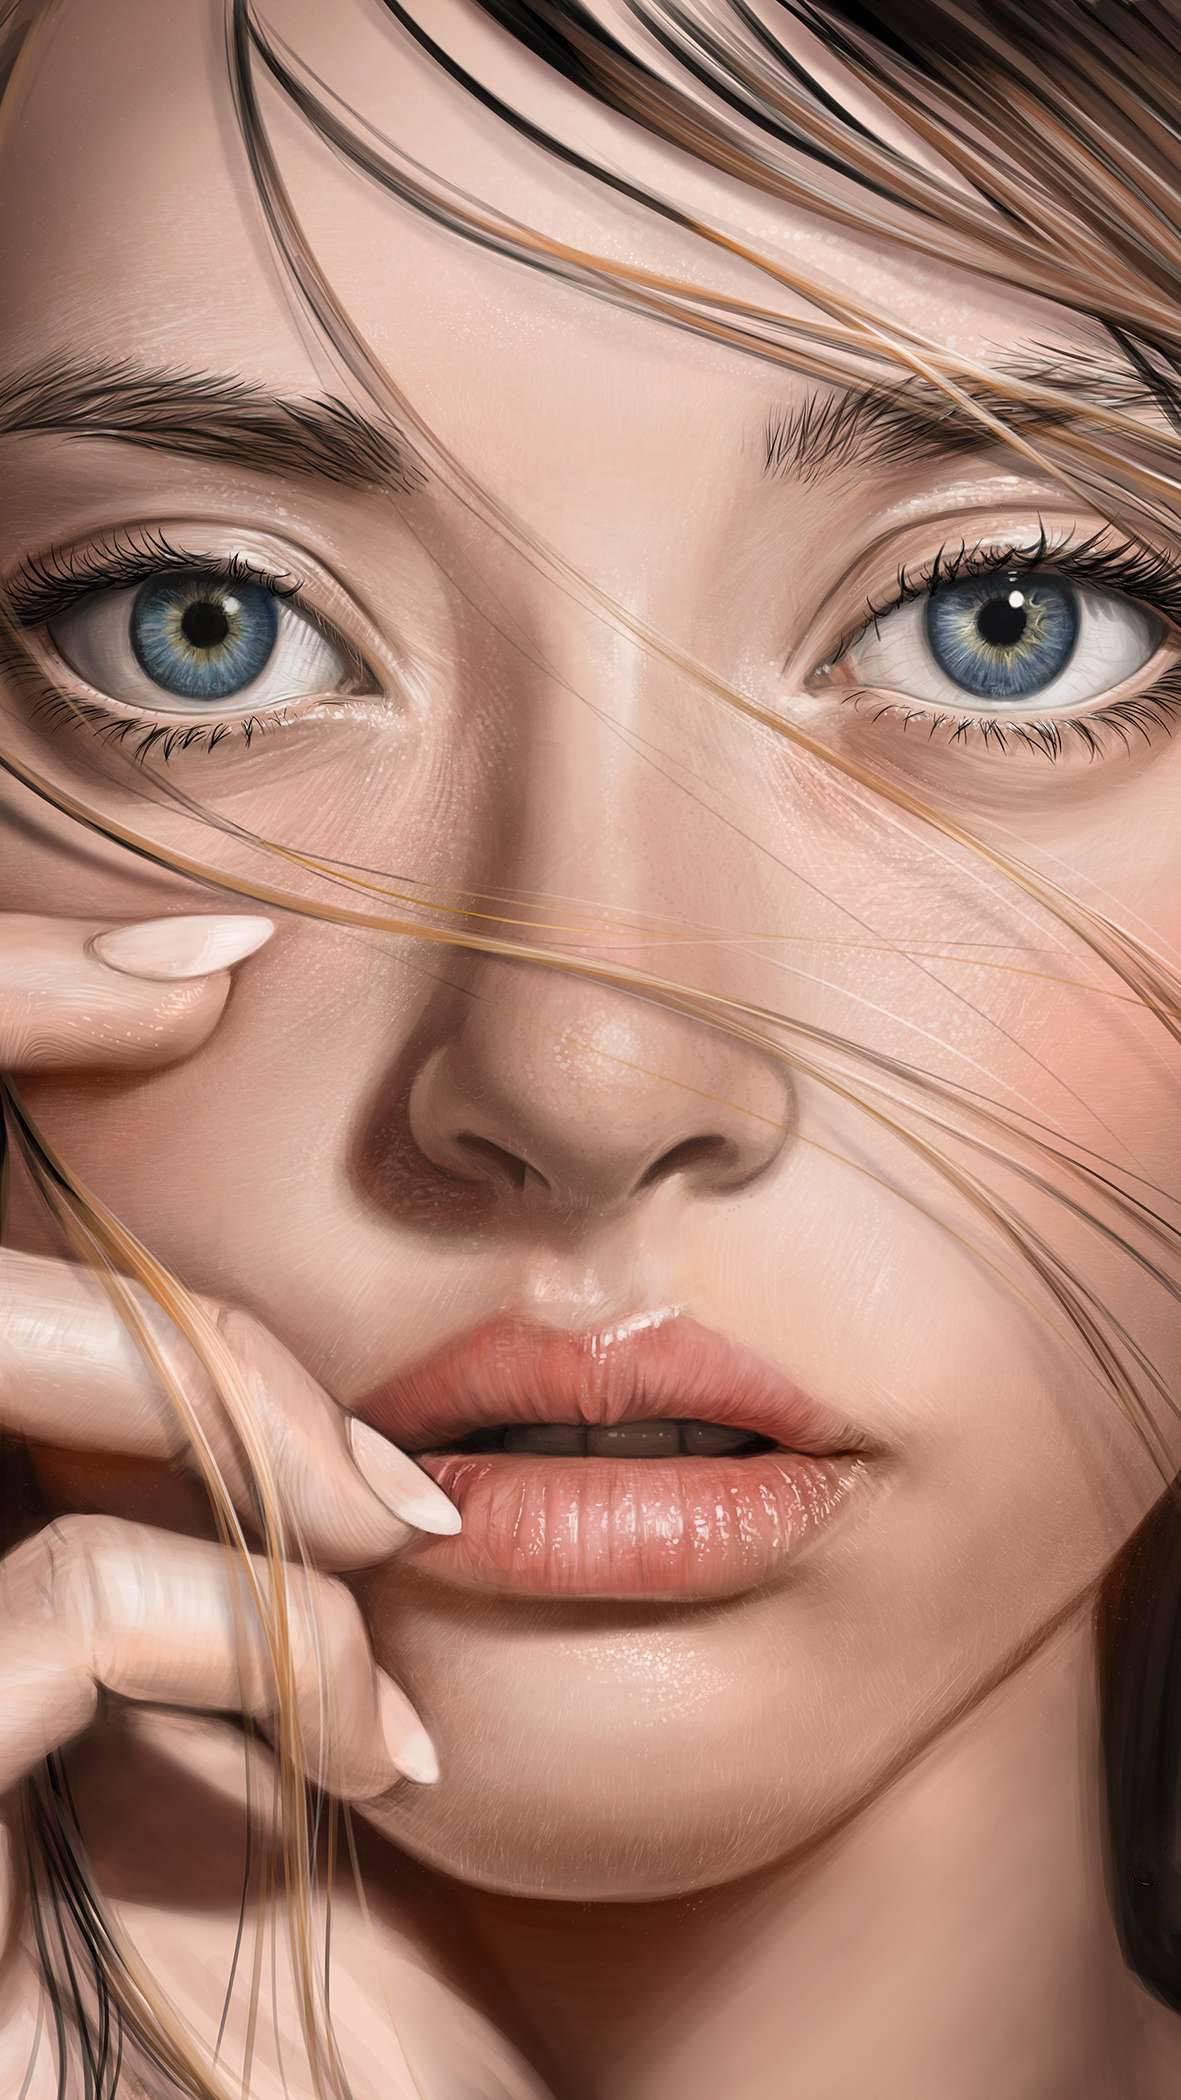 Brunette Girl Face iPhone Wallpaper